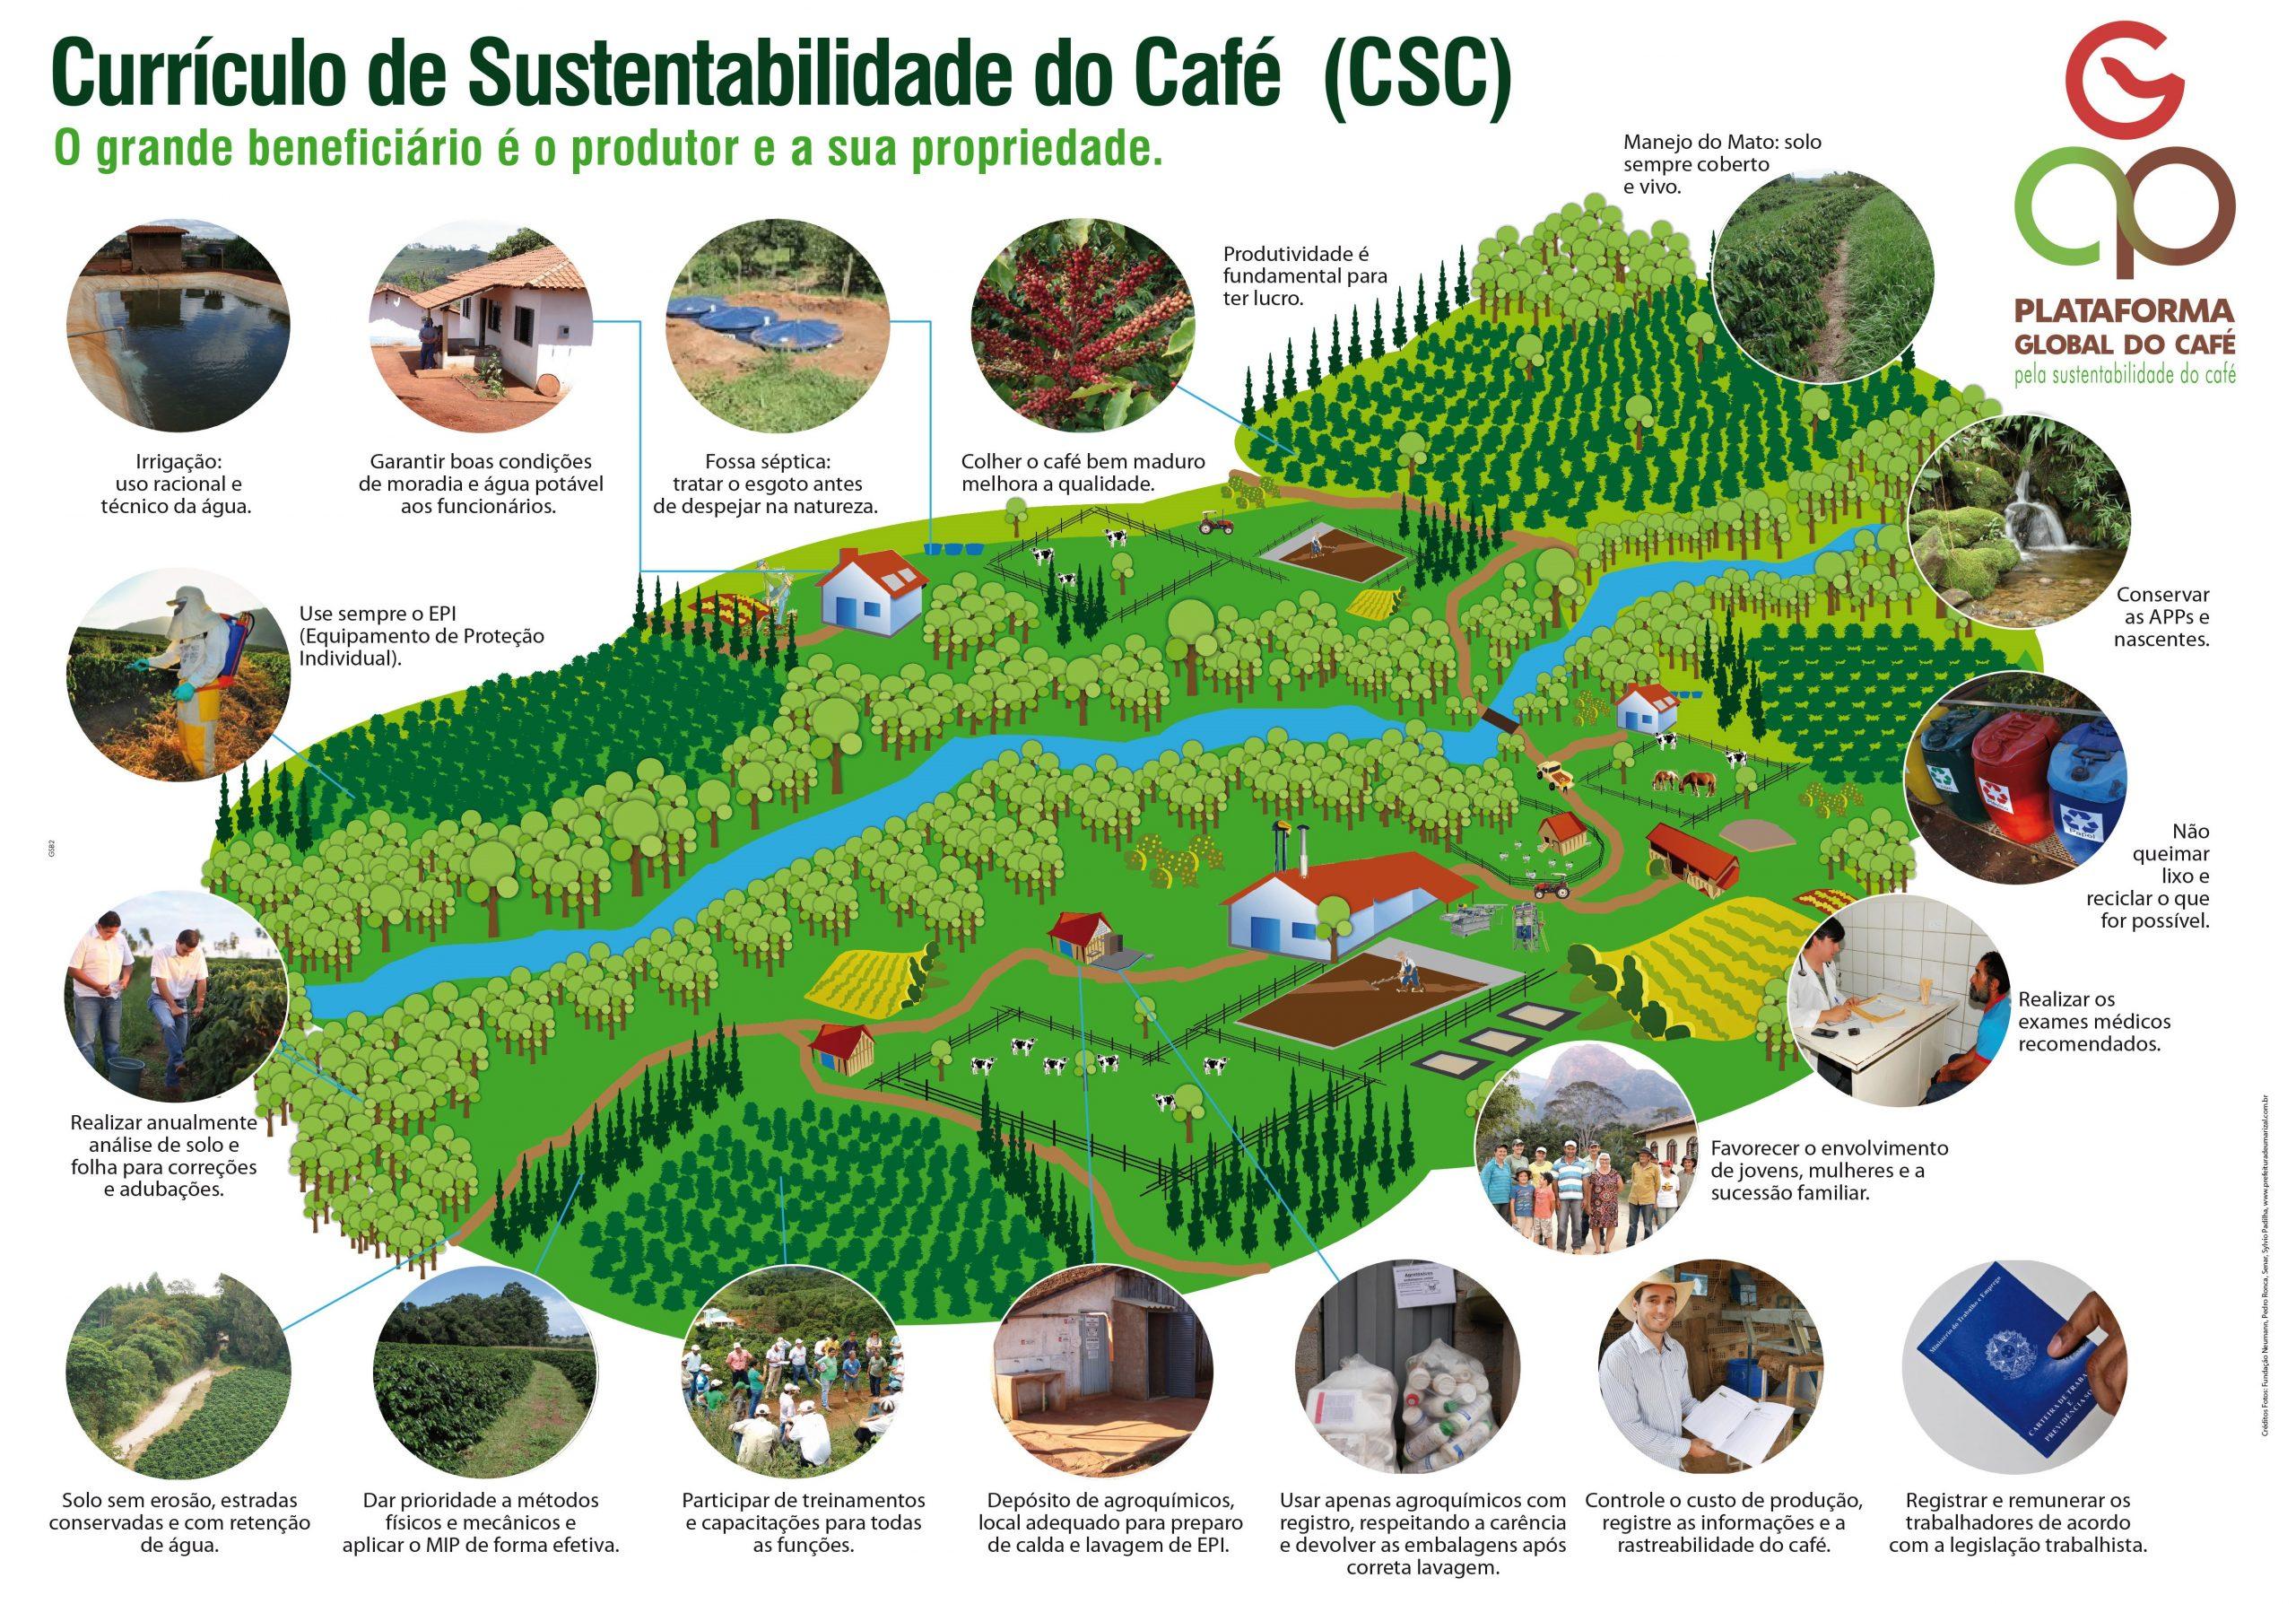 Curriculo de sustentabilidade do café CSC